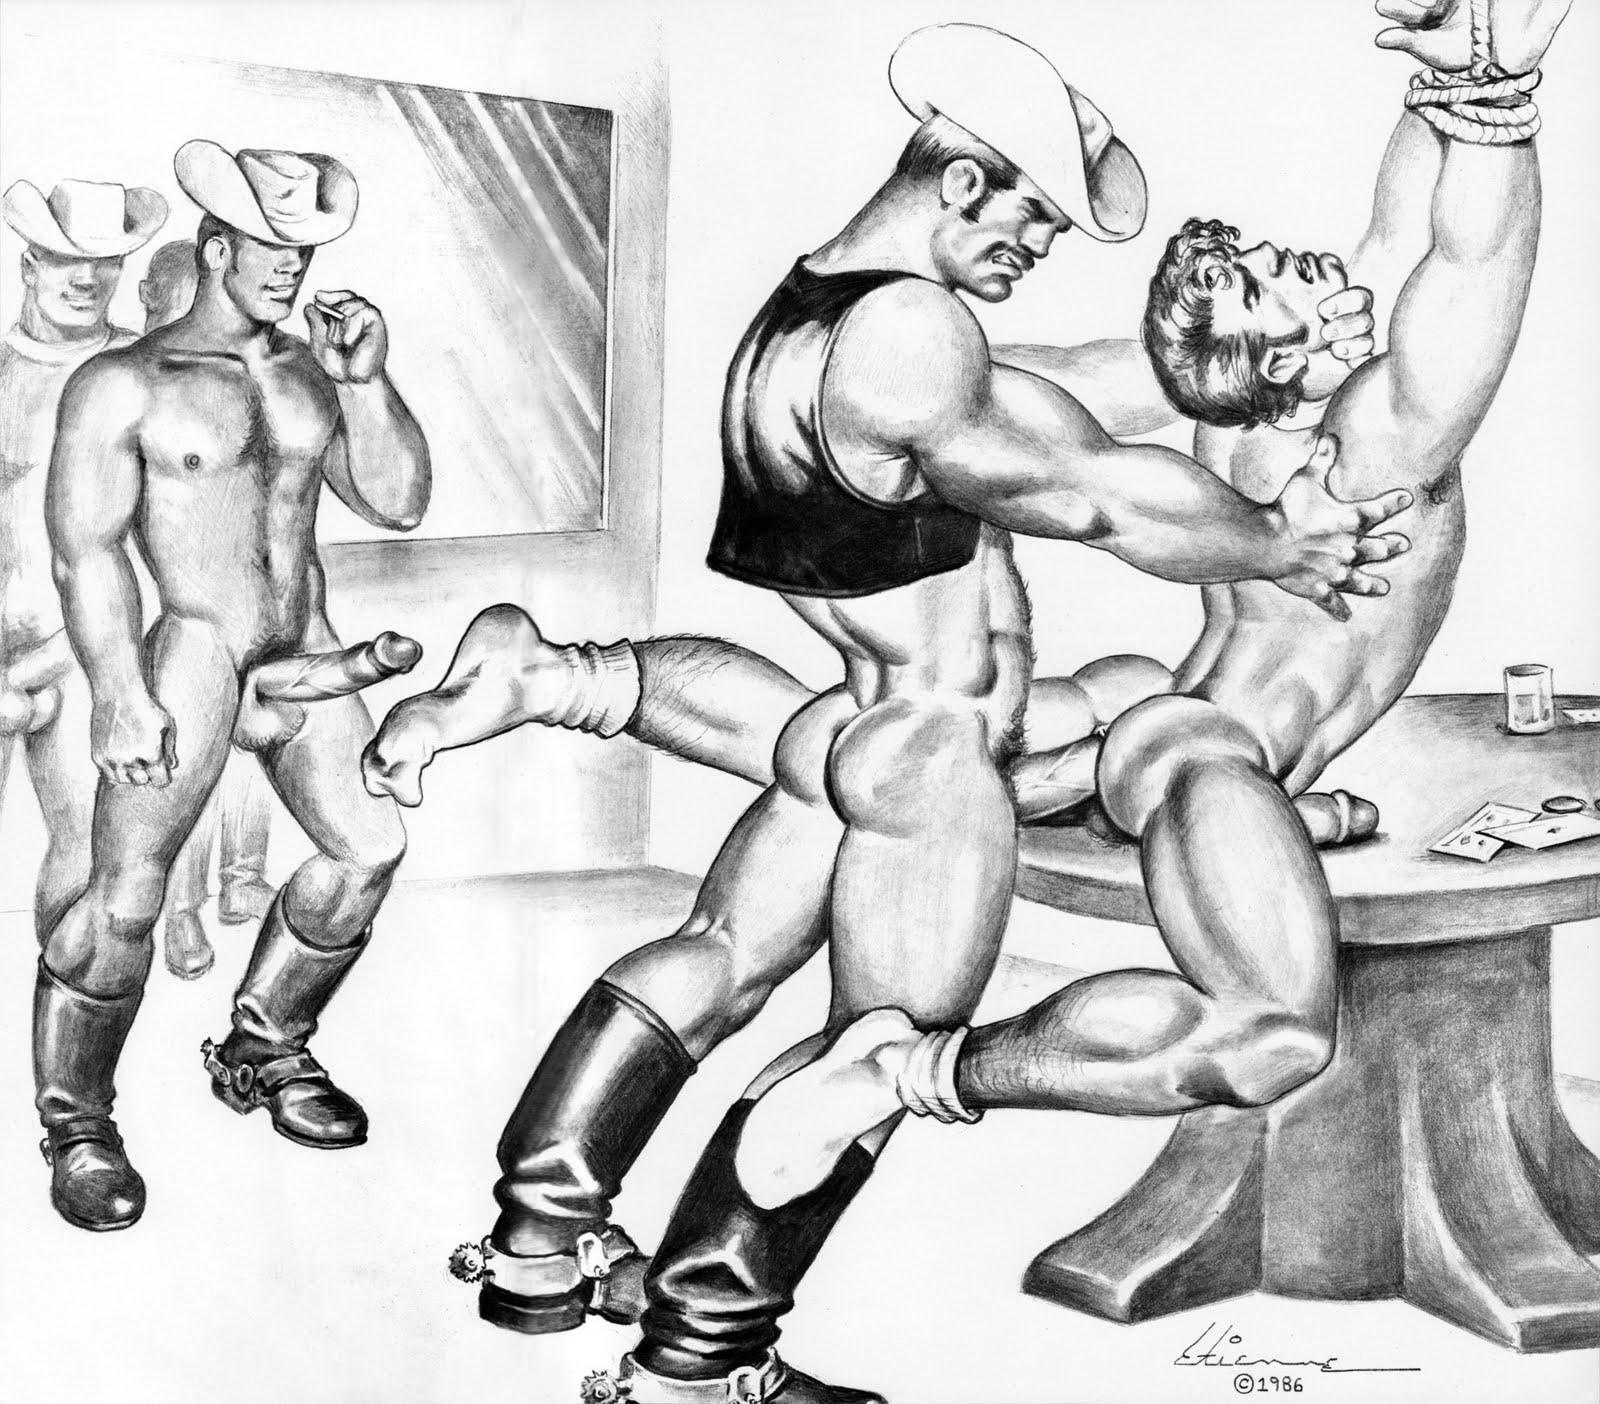 gey-erotika-v-risunkah